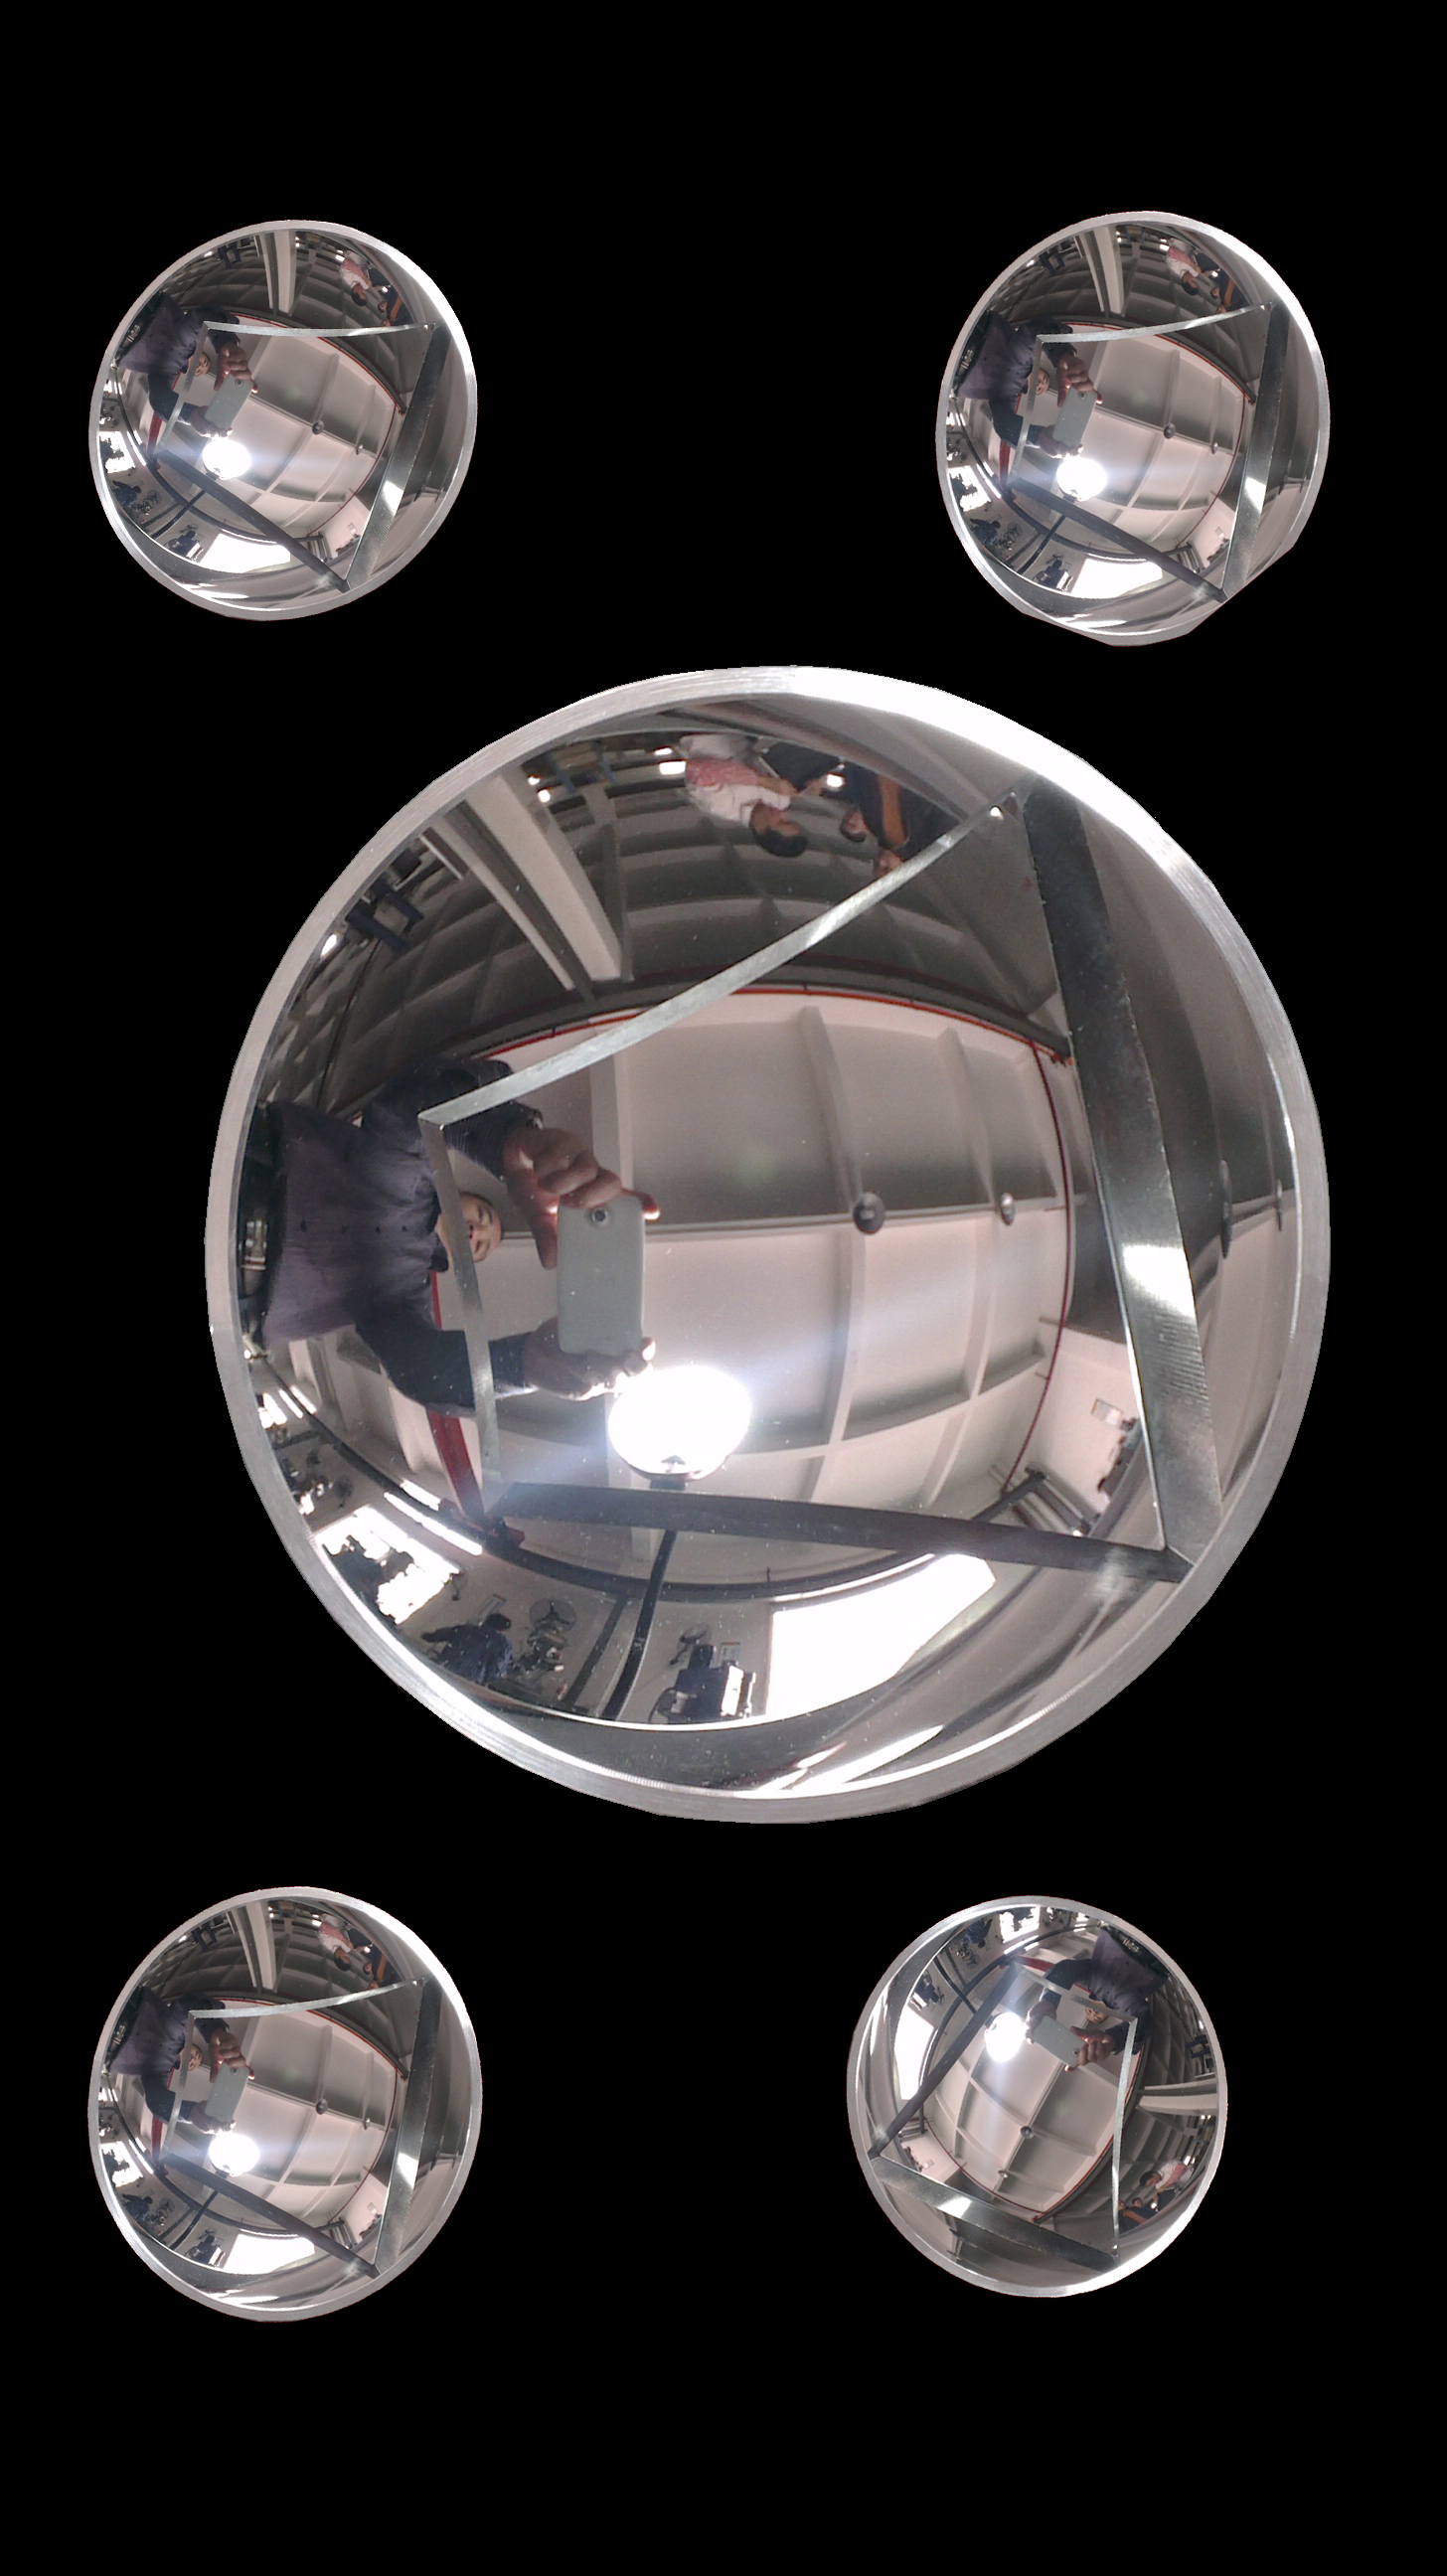 小球面鏡模仁